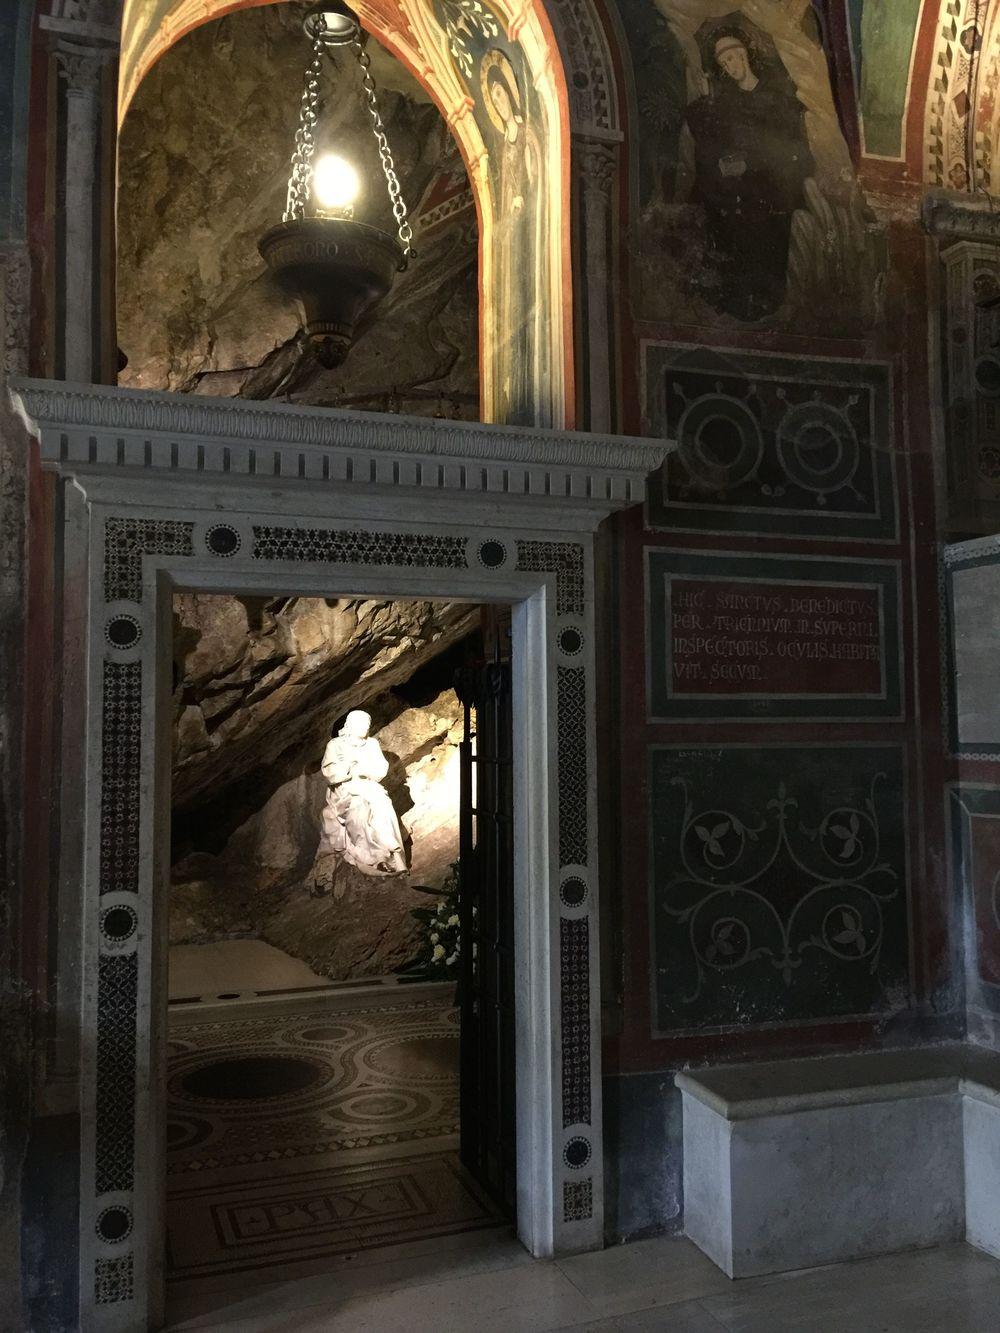 Looking in the door to Benedict's cave.